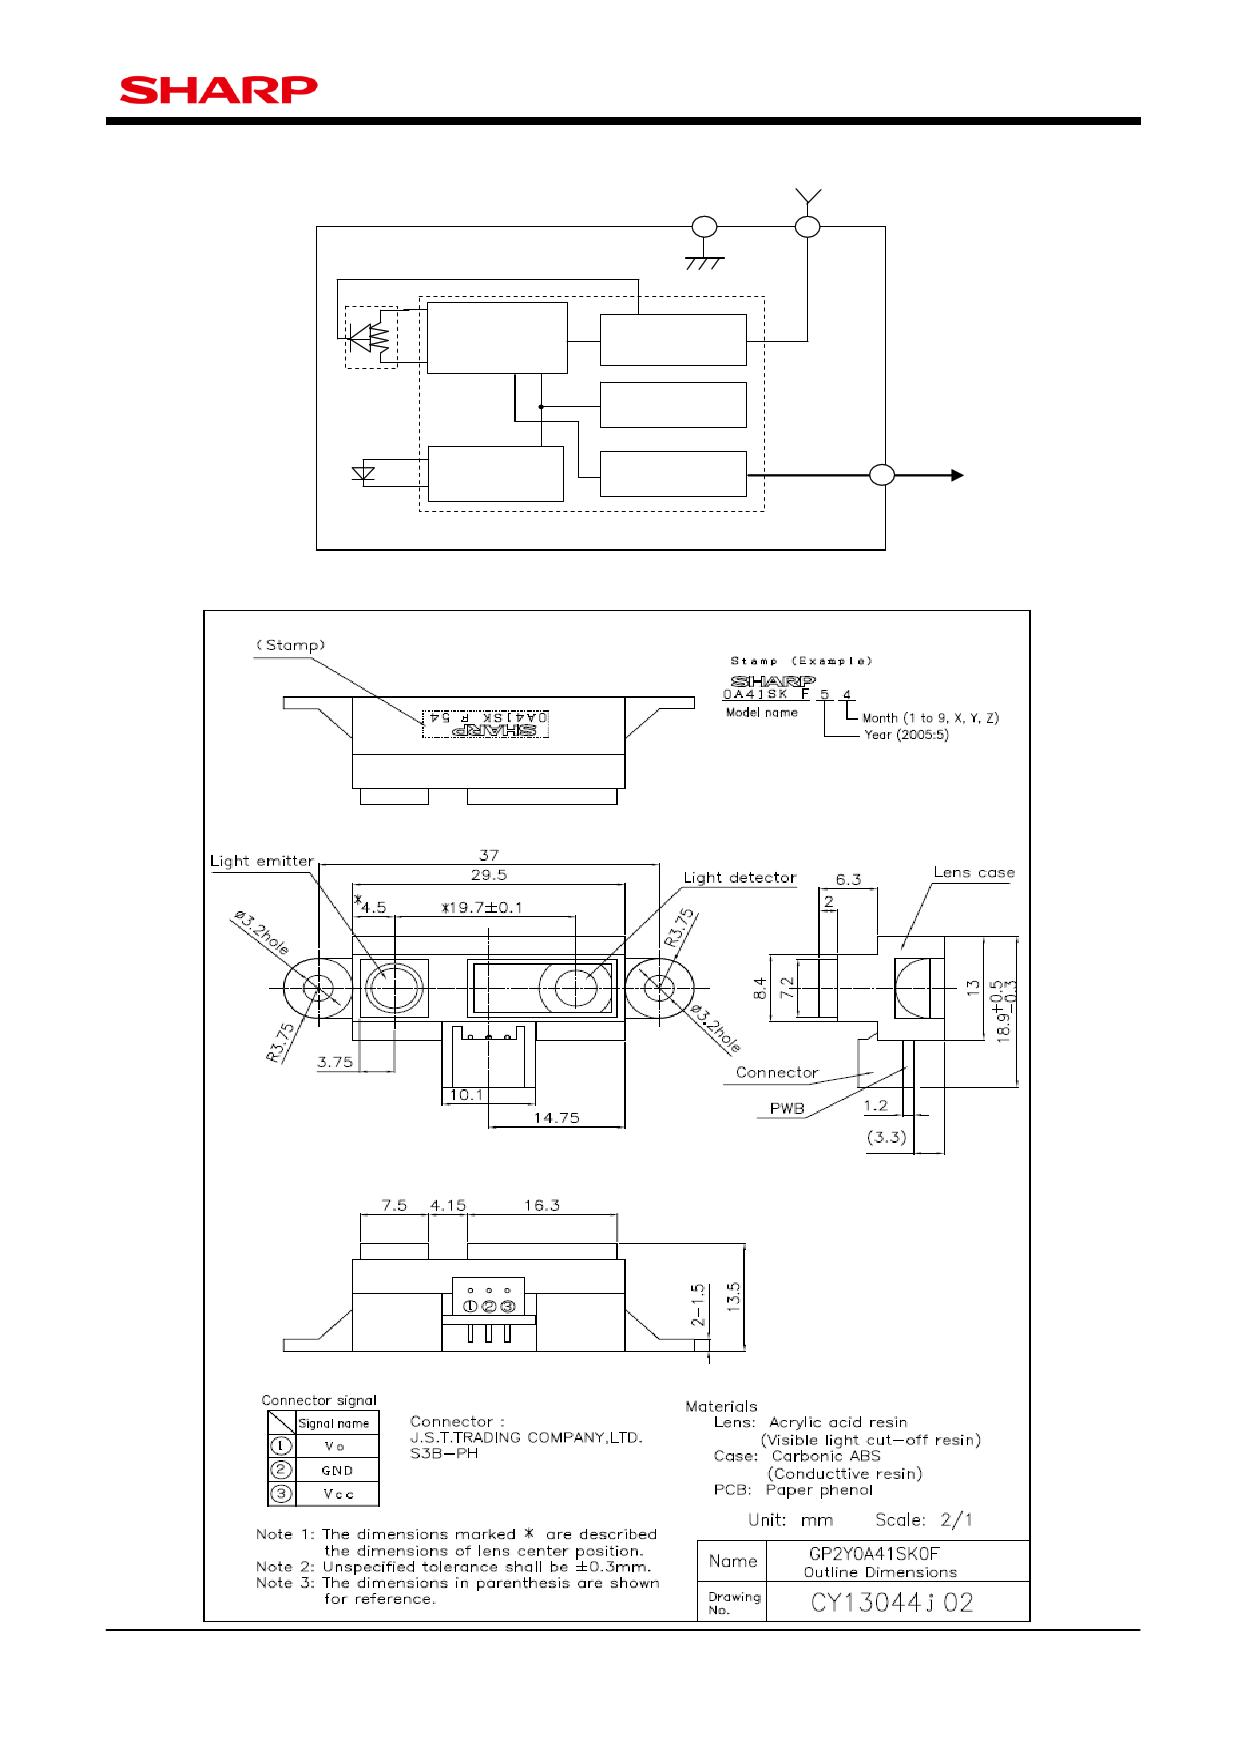 GP2Y0A41SK0F pdf schematic